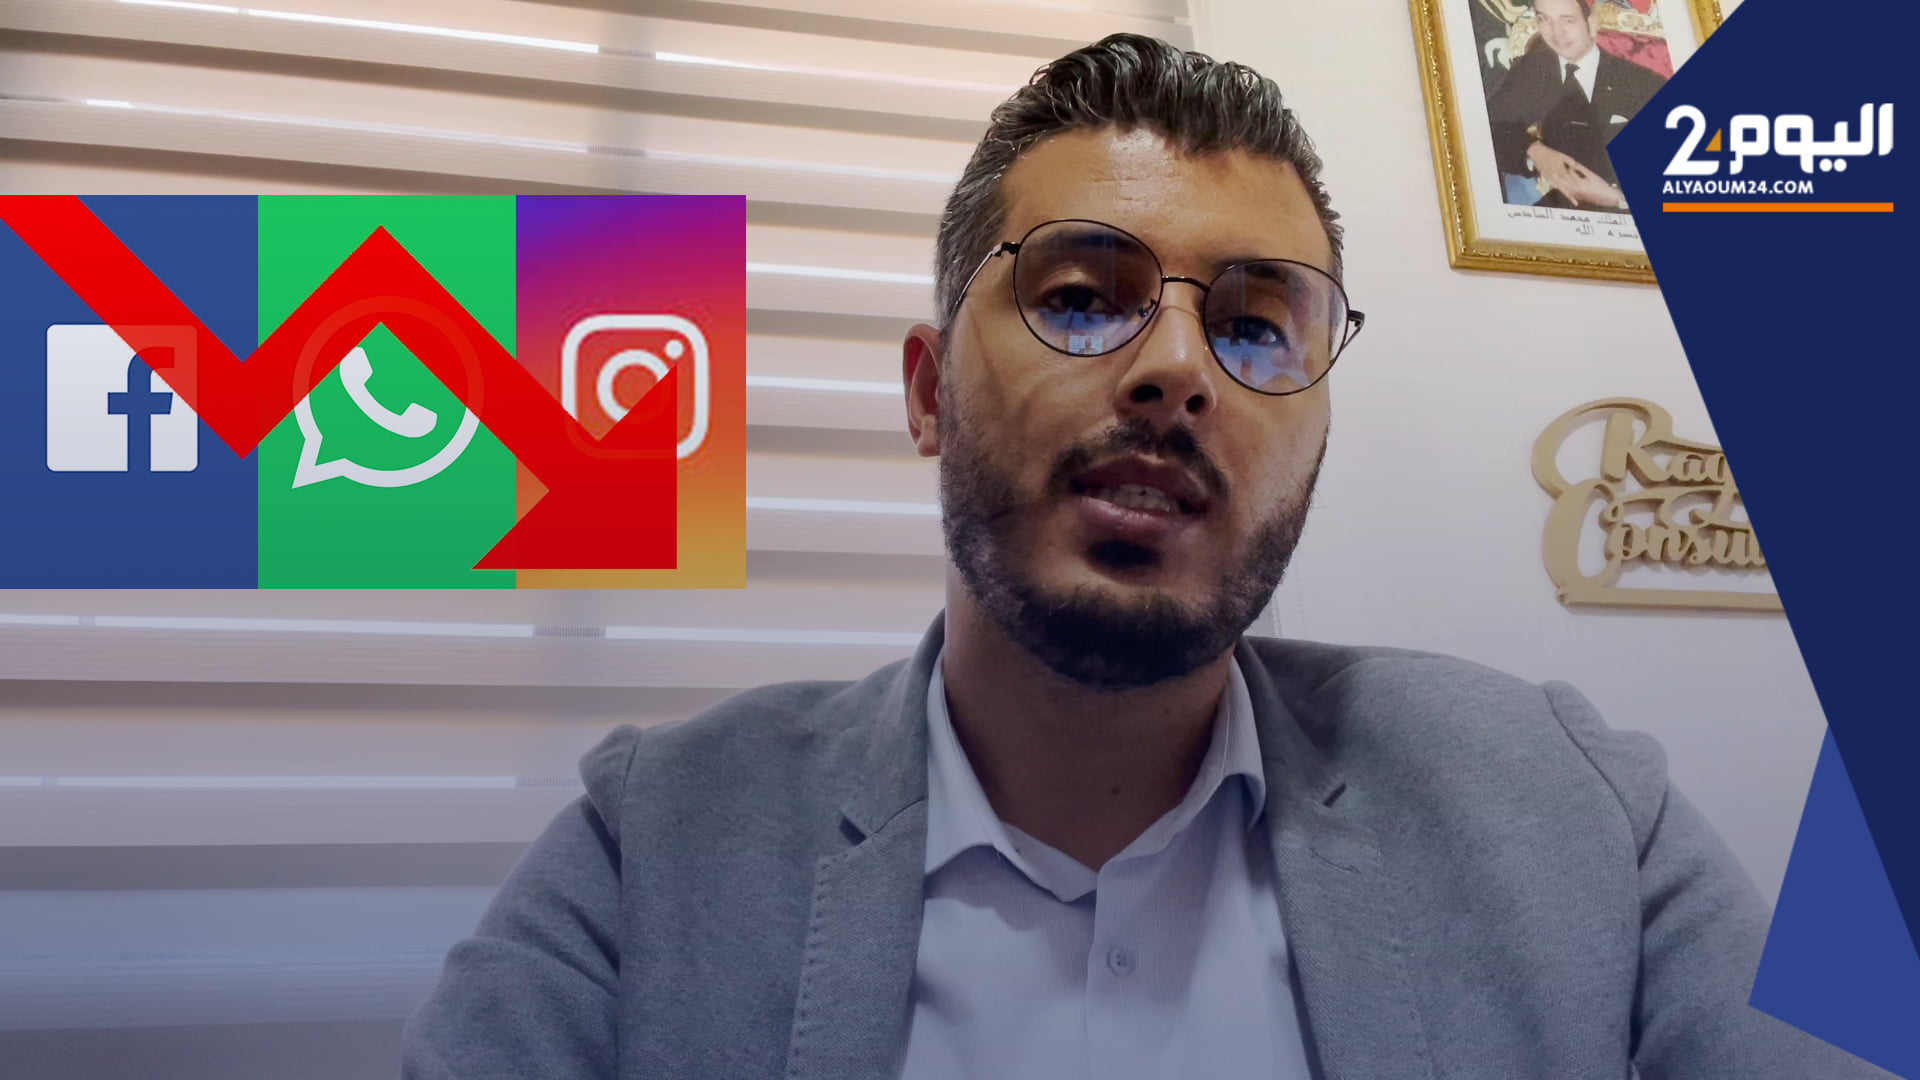 رغيب أمين يشرح سبب توقُّف تطبيقات فيسبوك وواتساب / اعداد: سامي سهيل